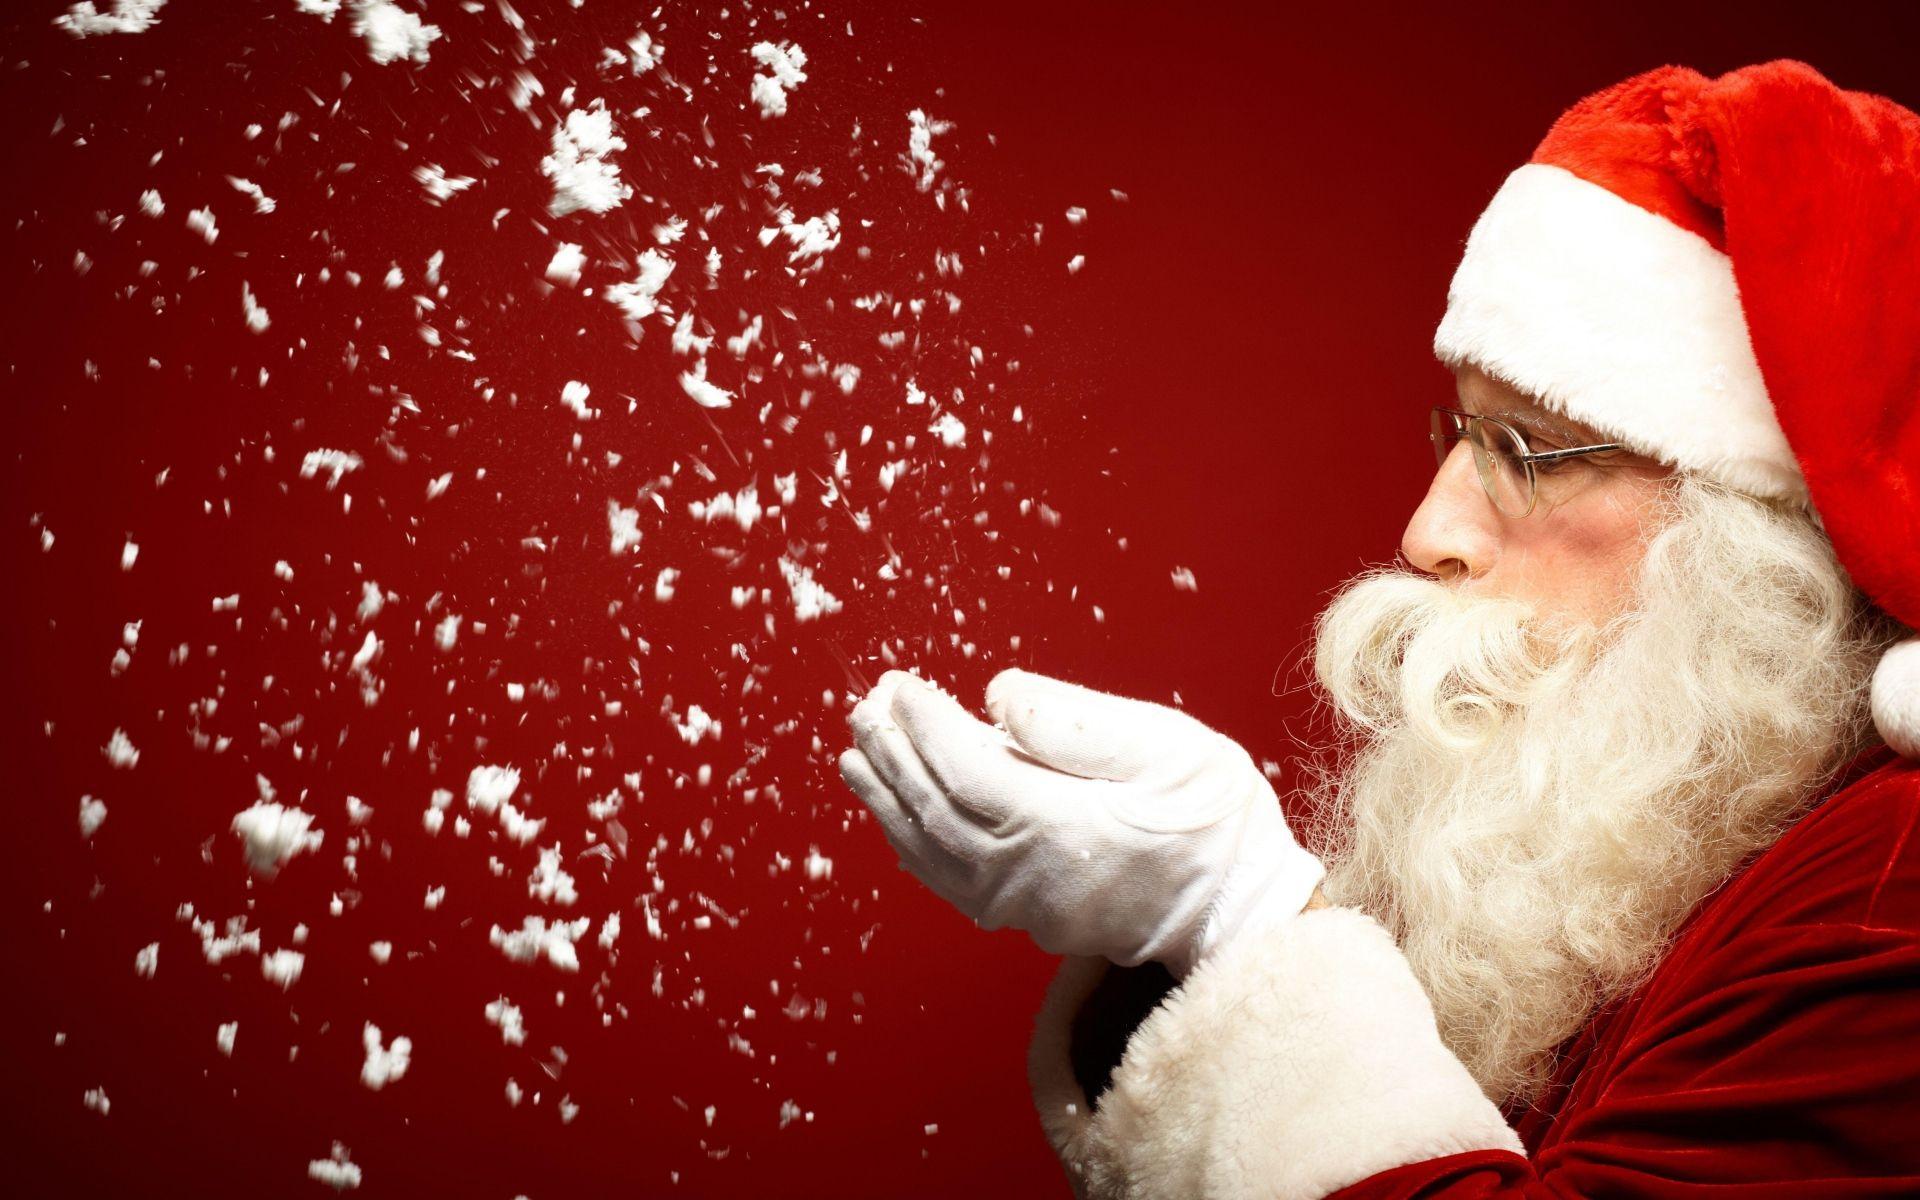 Santa Claus Wallpaper Google Kereses Santa Claus Pictures Santa Claus Wallpaper Merry Christmas Song